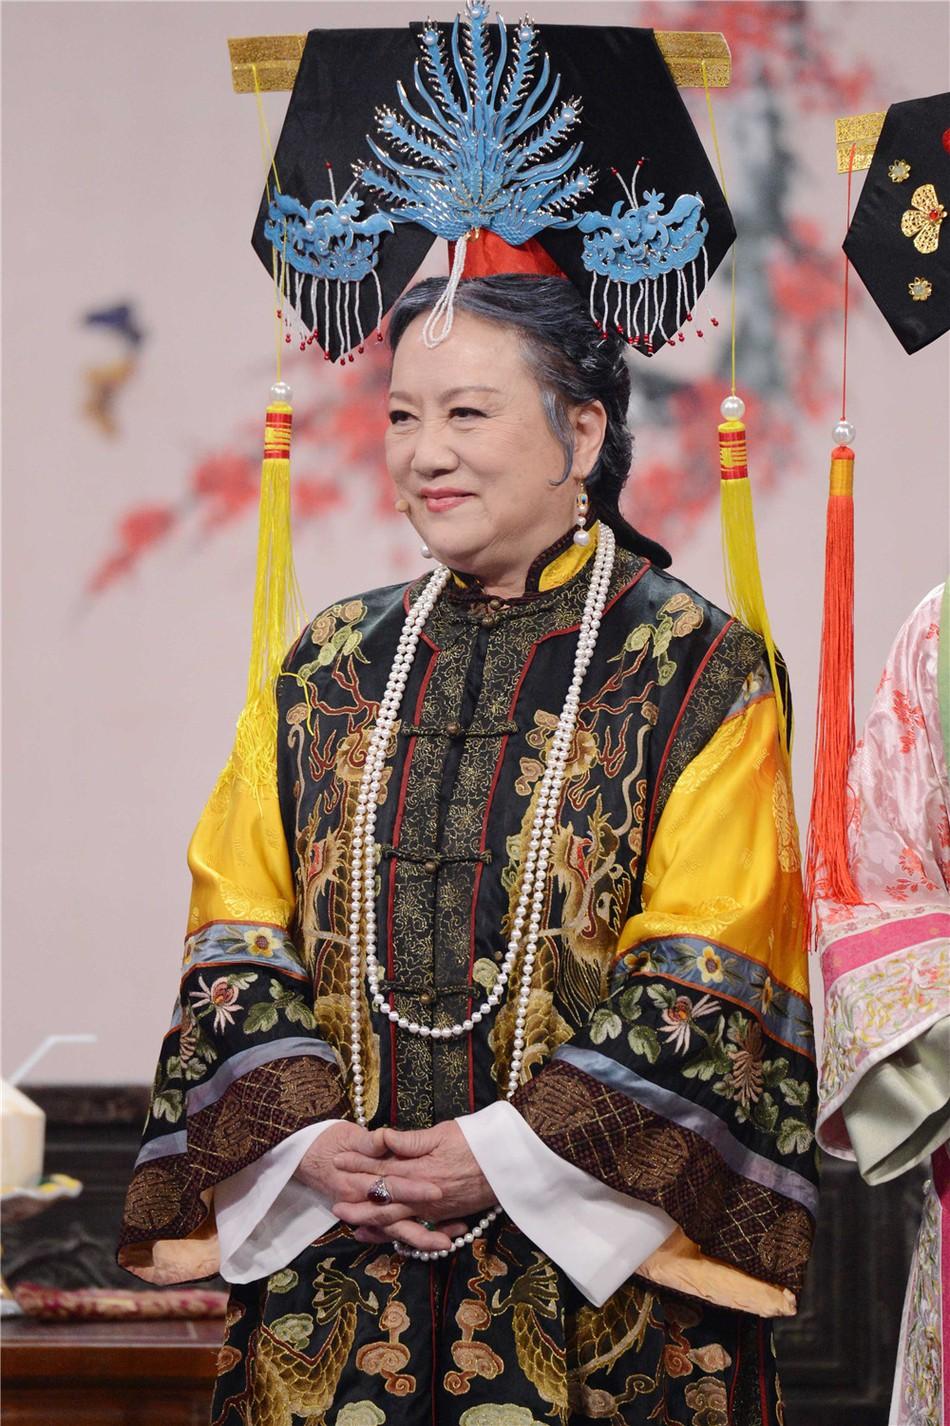 Chùm ảnh xúc động: Hoàng A Mã cùng bà nội Tiểu Yến Tử bất ngờ tái ngộ sau 20 năm phát sóng Hoàn Châu Cách Cách - Ảnh 7.